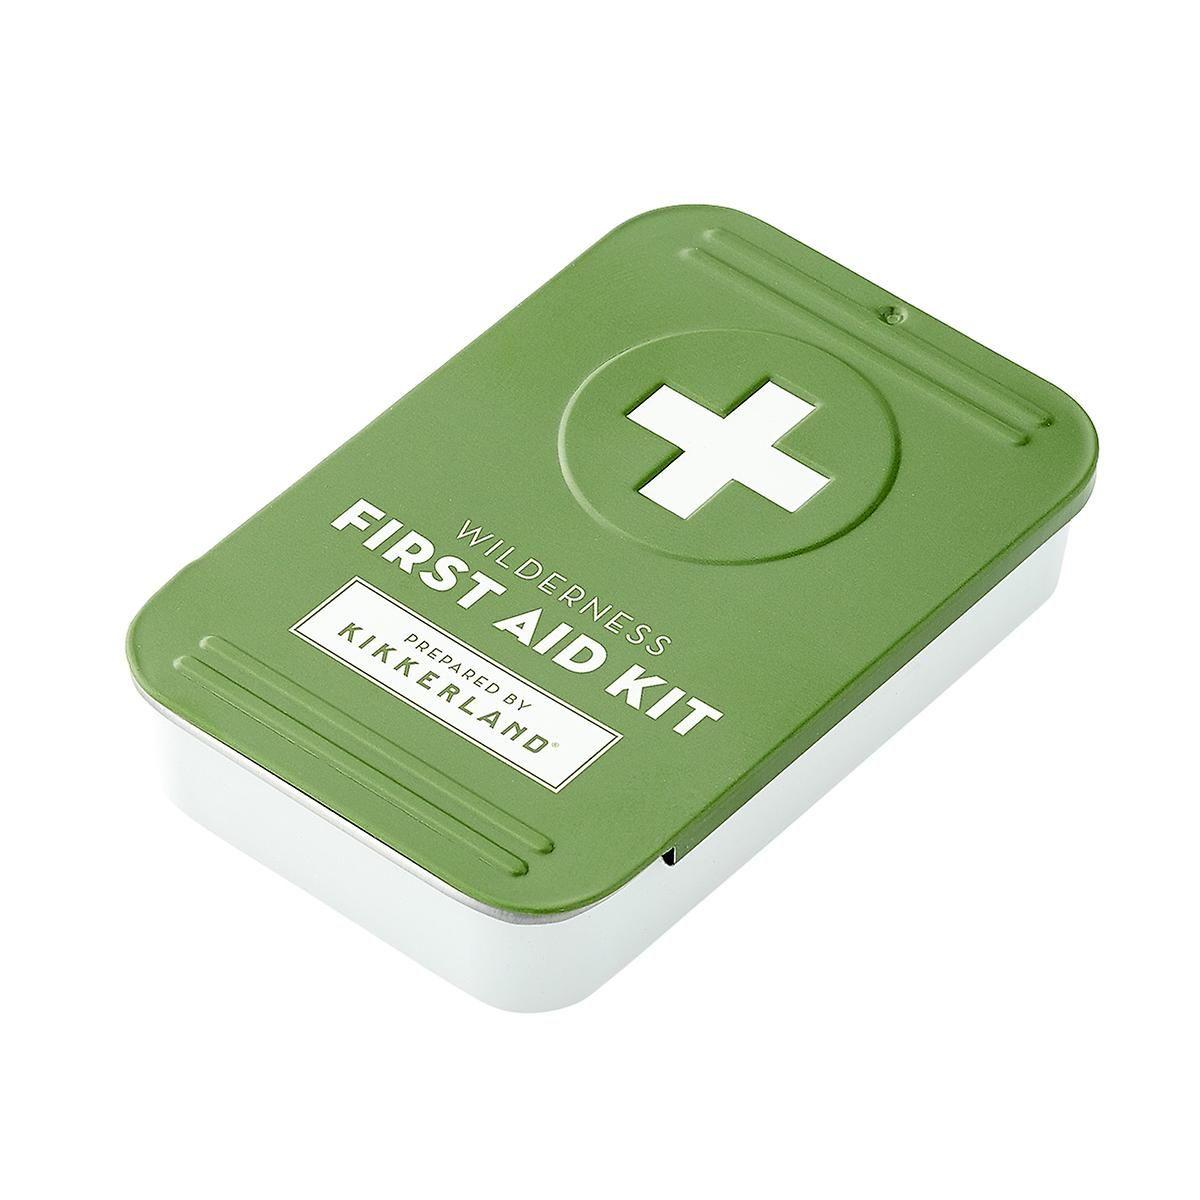 Wilderness First Aid Kit First Aid Kit Mini First Aid Kit First Aid For Kids